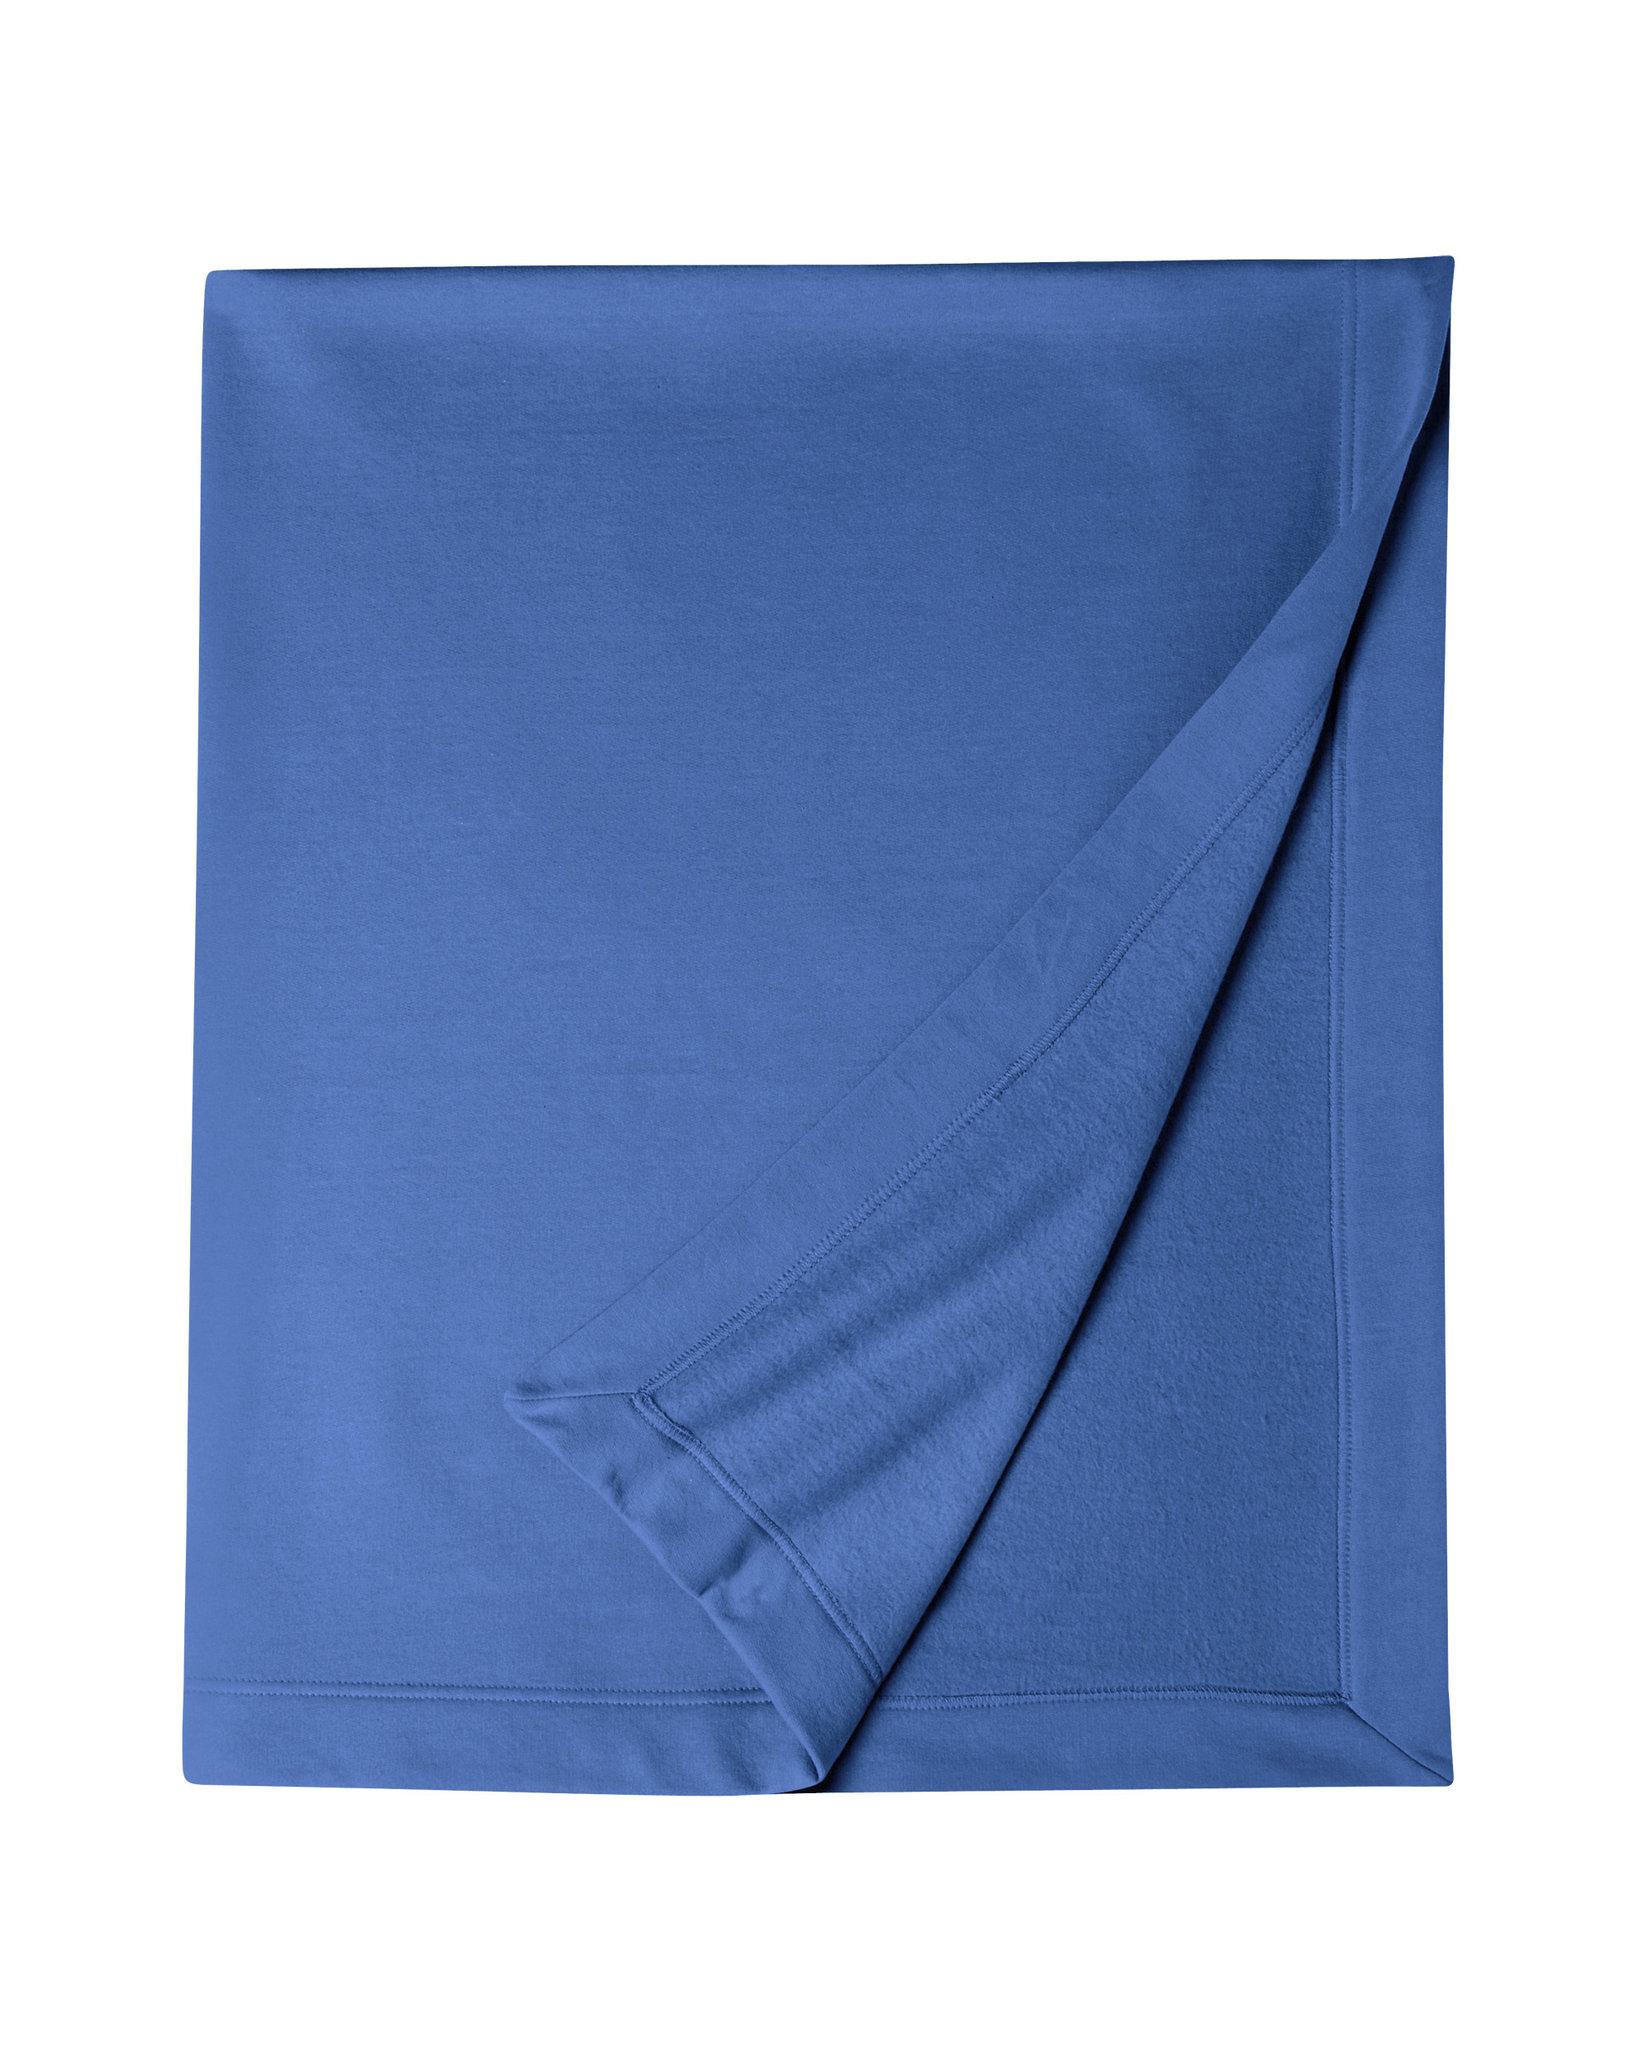 Plaid promotionnel Dryblend Fleece - plaid publicitaire